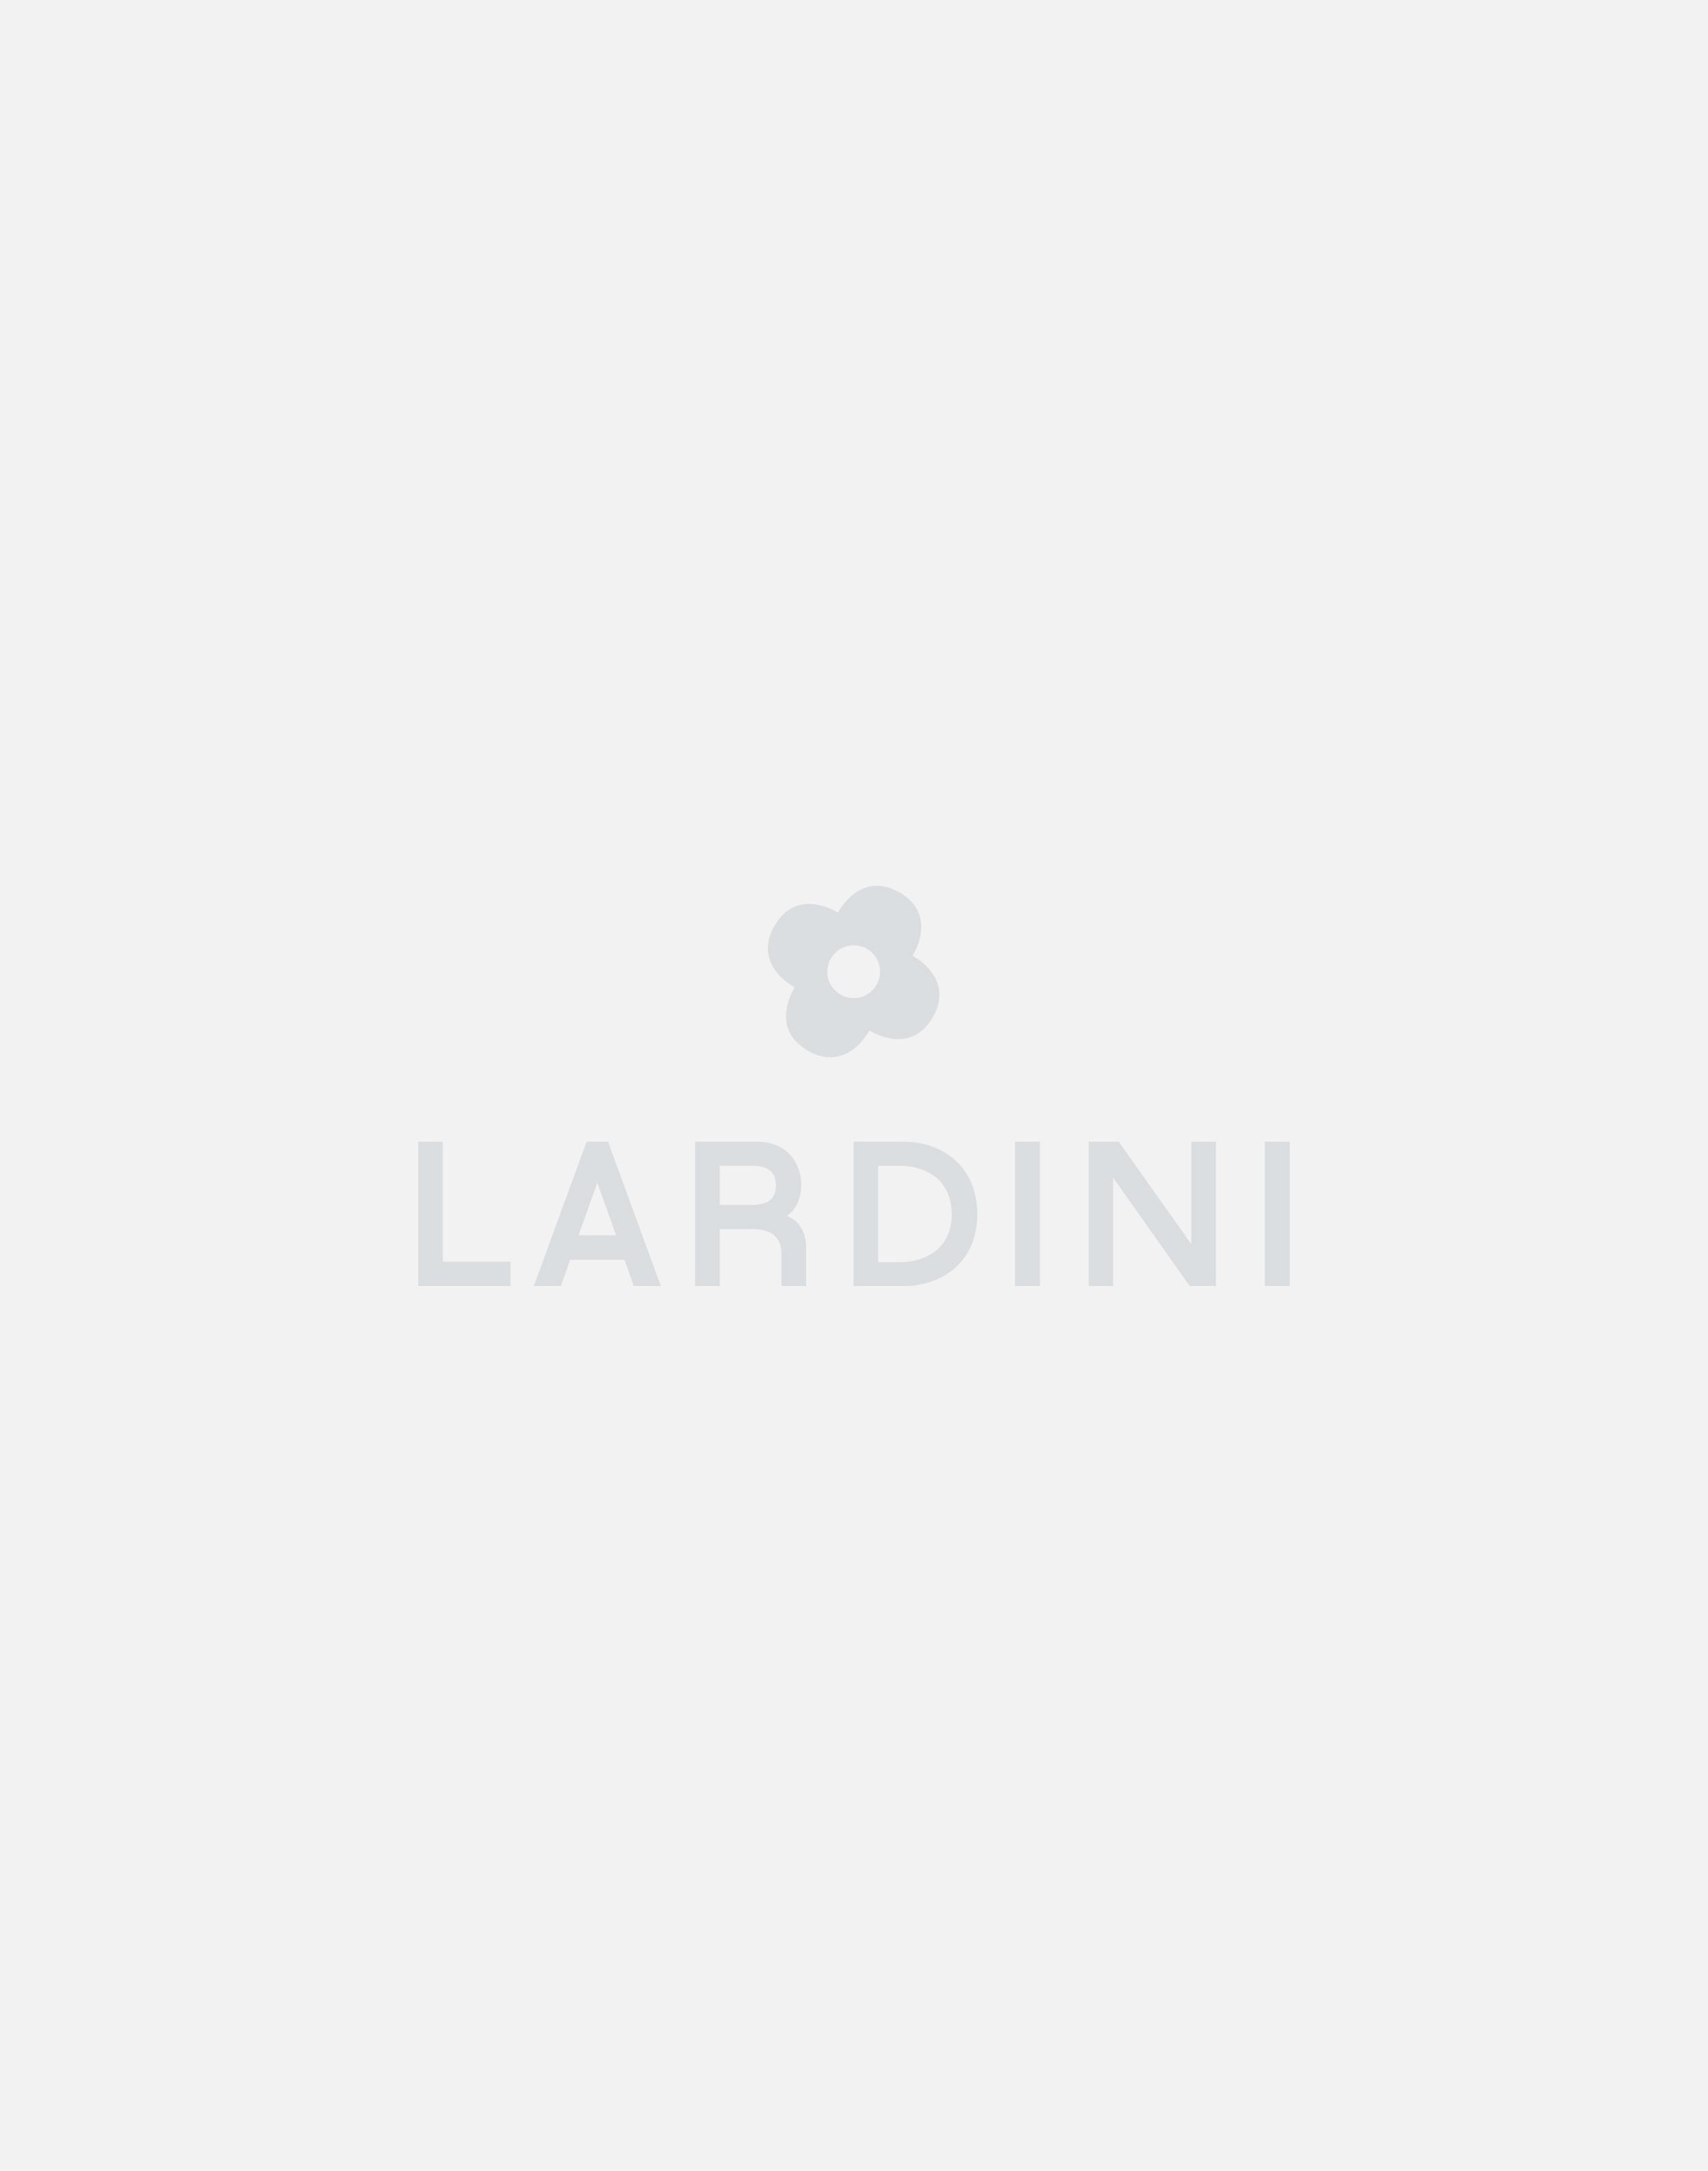 Giacca regimental in raso di lino, cotone e seta - Easy